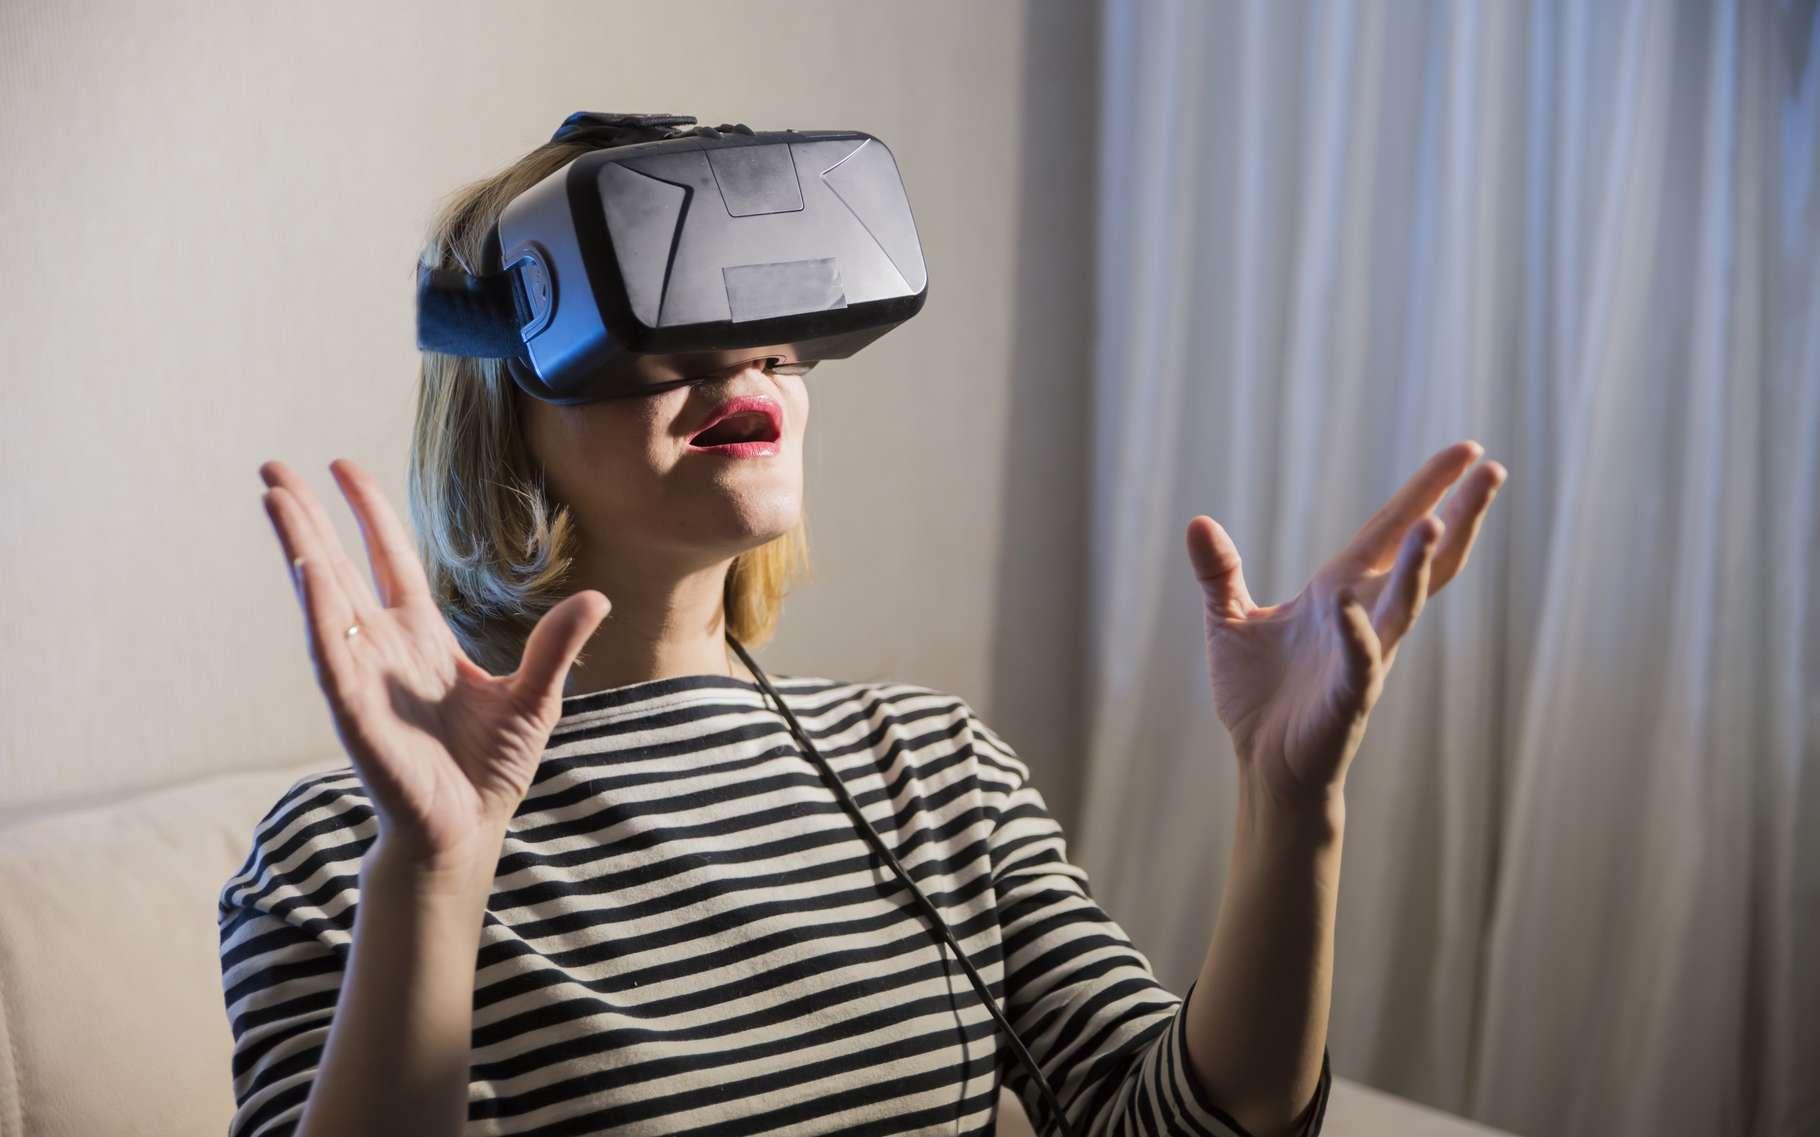 Alors que les casques de réalité virtuelle s'apprêtent à déferler, la prochaine étape sera de rendre l'expérience plus vivante en proposant des interfaces sensorielles qui restitueront notamment le sens du toucher. C'est ce que propose le capteur Orion de Leap Motion. © Denis Simonov, Shutterstock